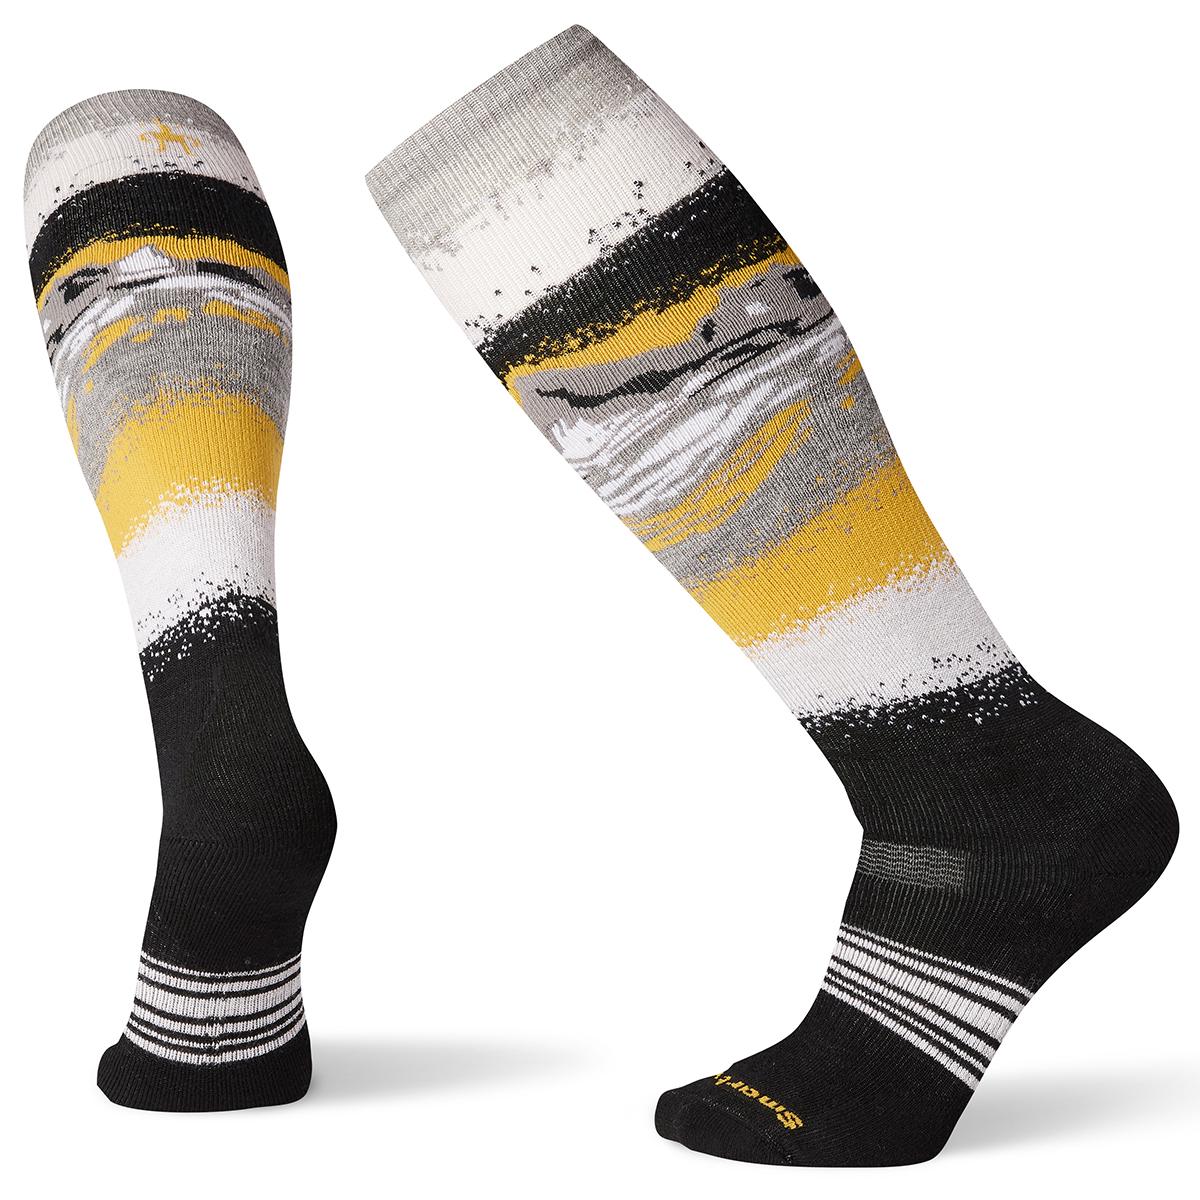 Smartwool Men's Phd Snow Medium Socks - Black, L